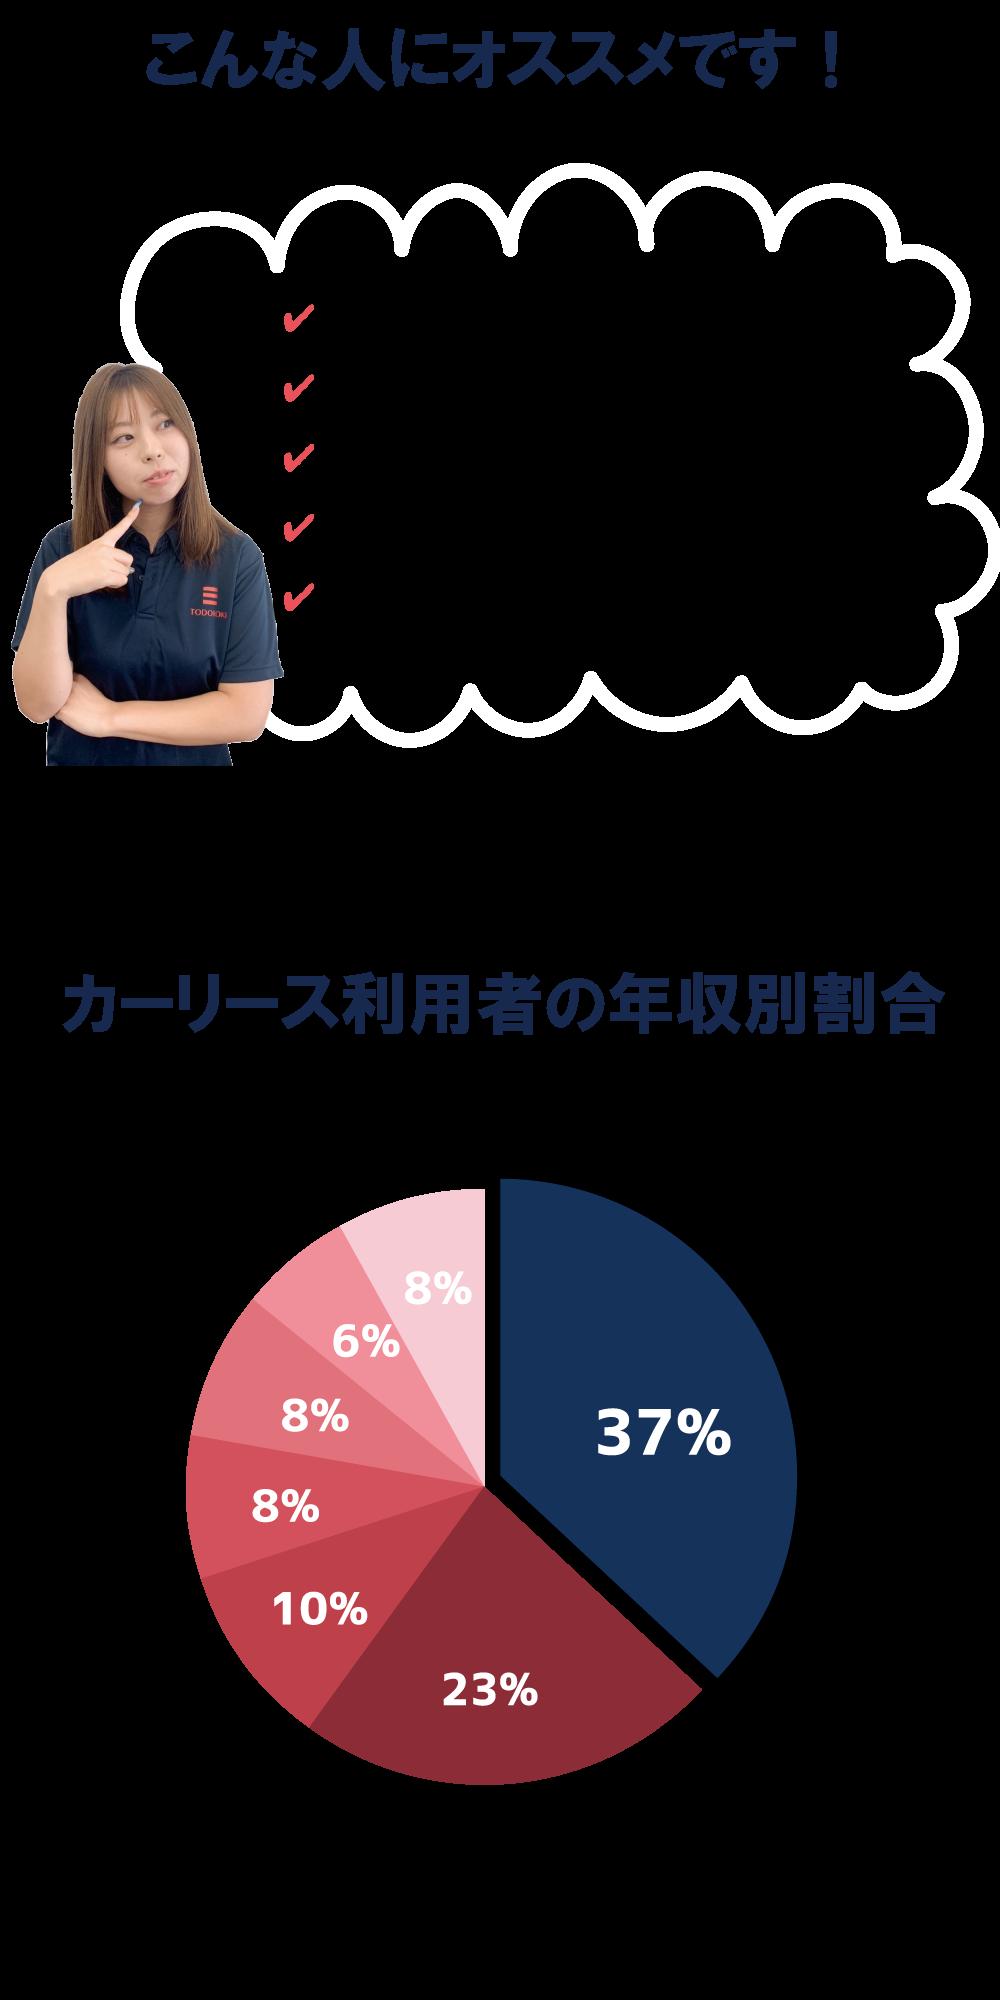 カーリースがオススメの人と年収月割合グラフ